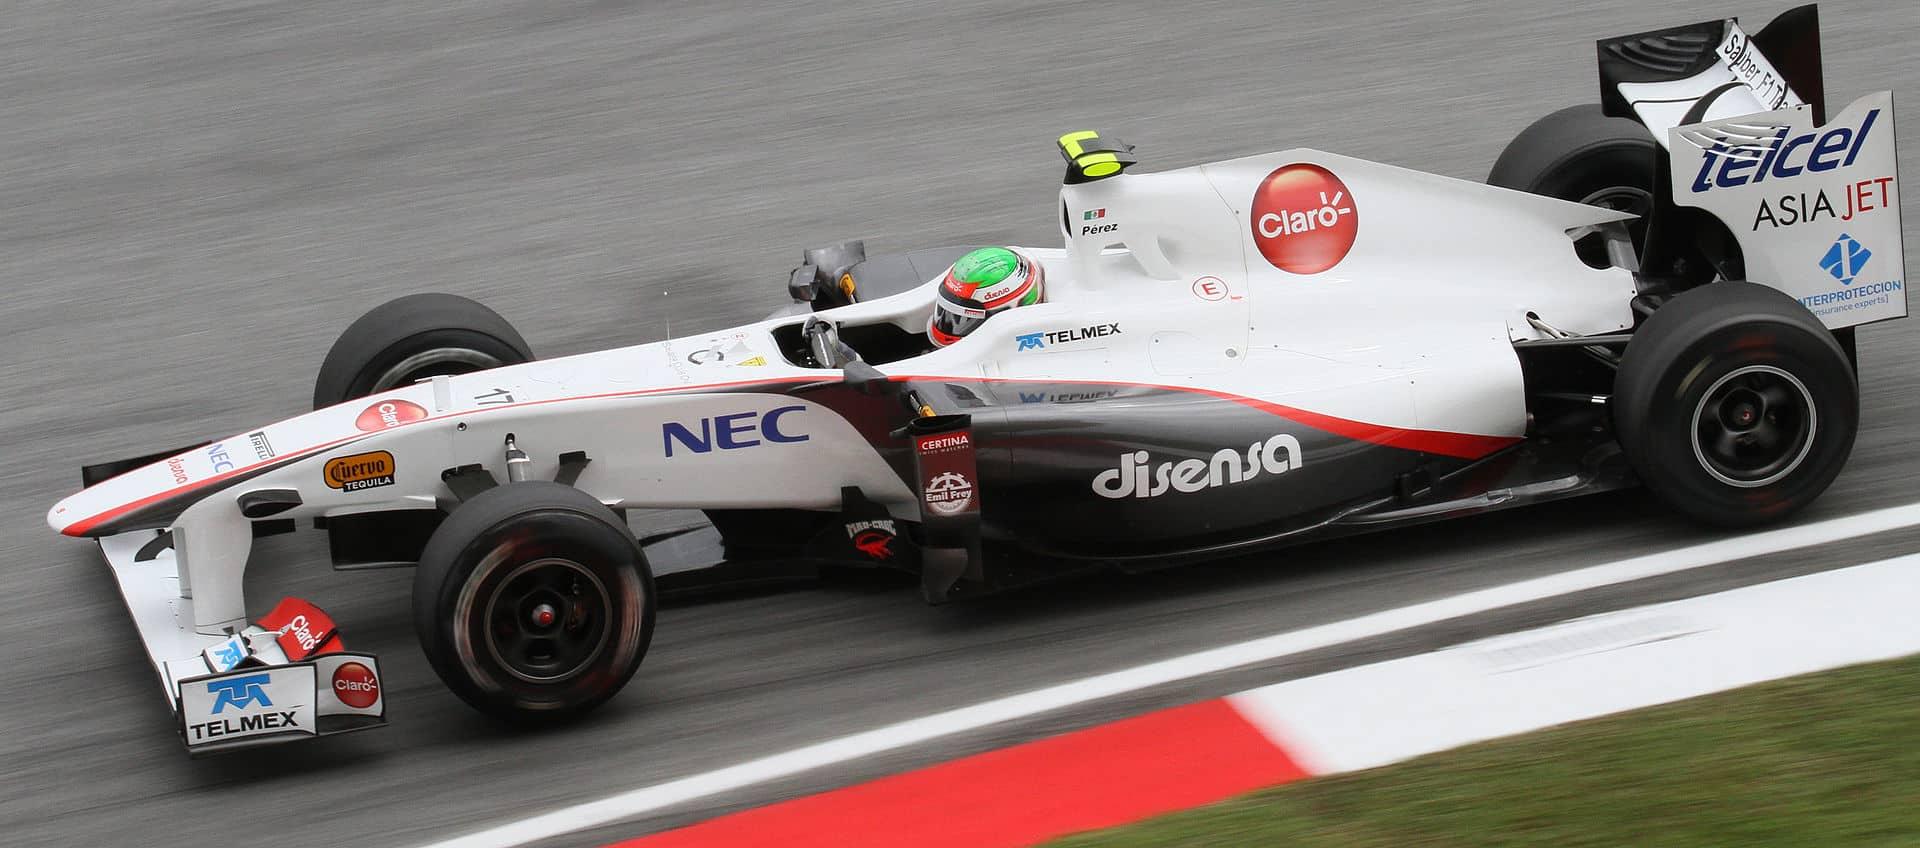 Krytyczna sytuacja w F1! Kierowca Racing Point zarażony koronawirusem